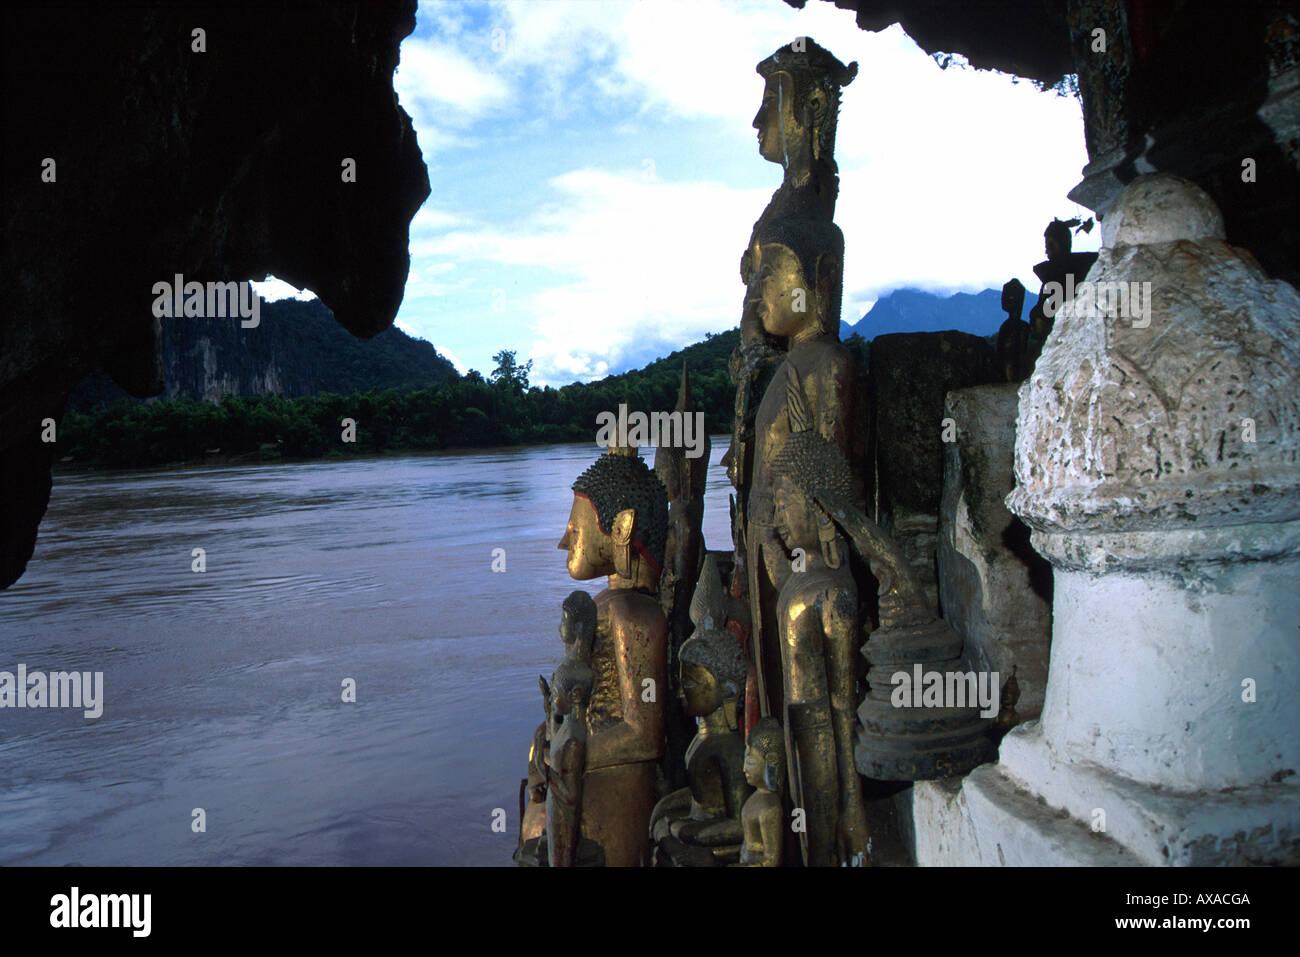 Statuen in der Hoehle von Pak Ou, Luang Prabang Laos - Stock Image